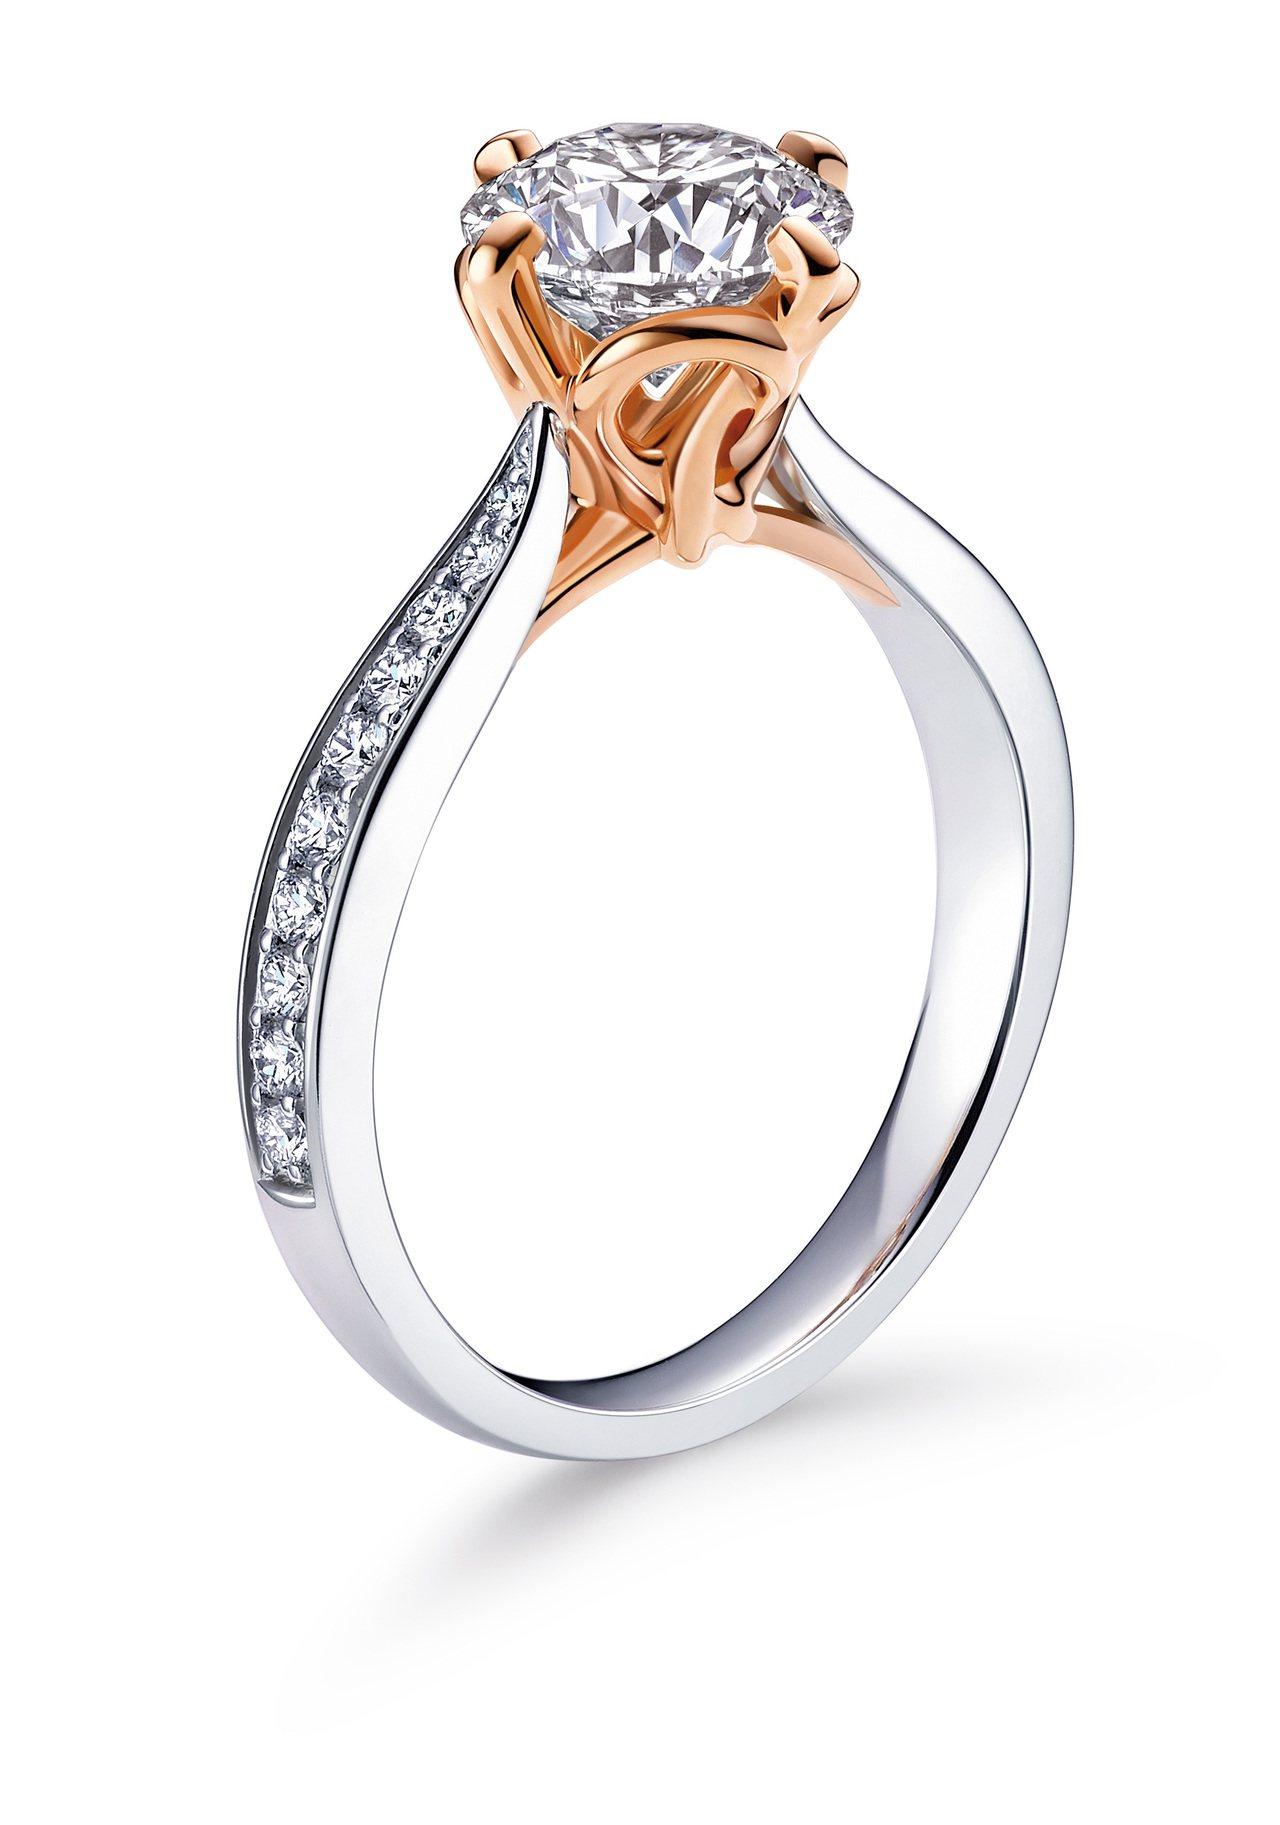 點睛品Promessa系列18K白金玫瑰金雙色「同心結」鑲嵌配鑽款鑽戒主石50分...